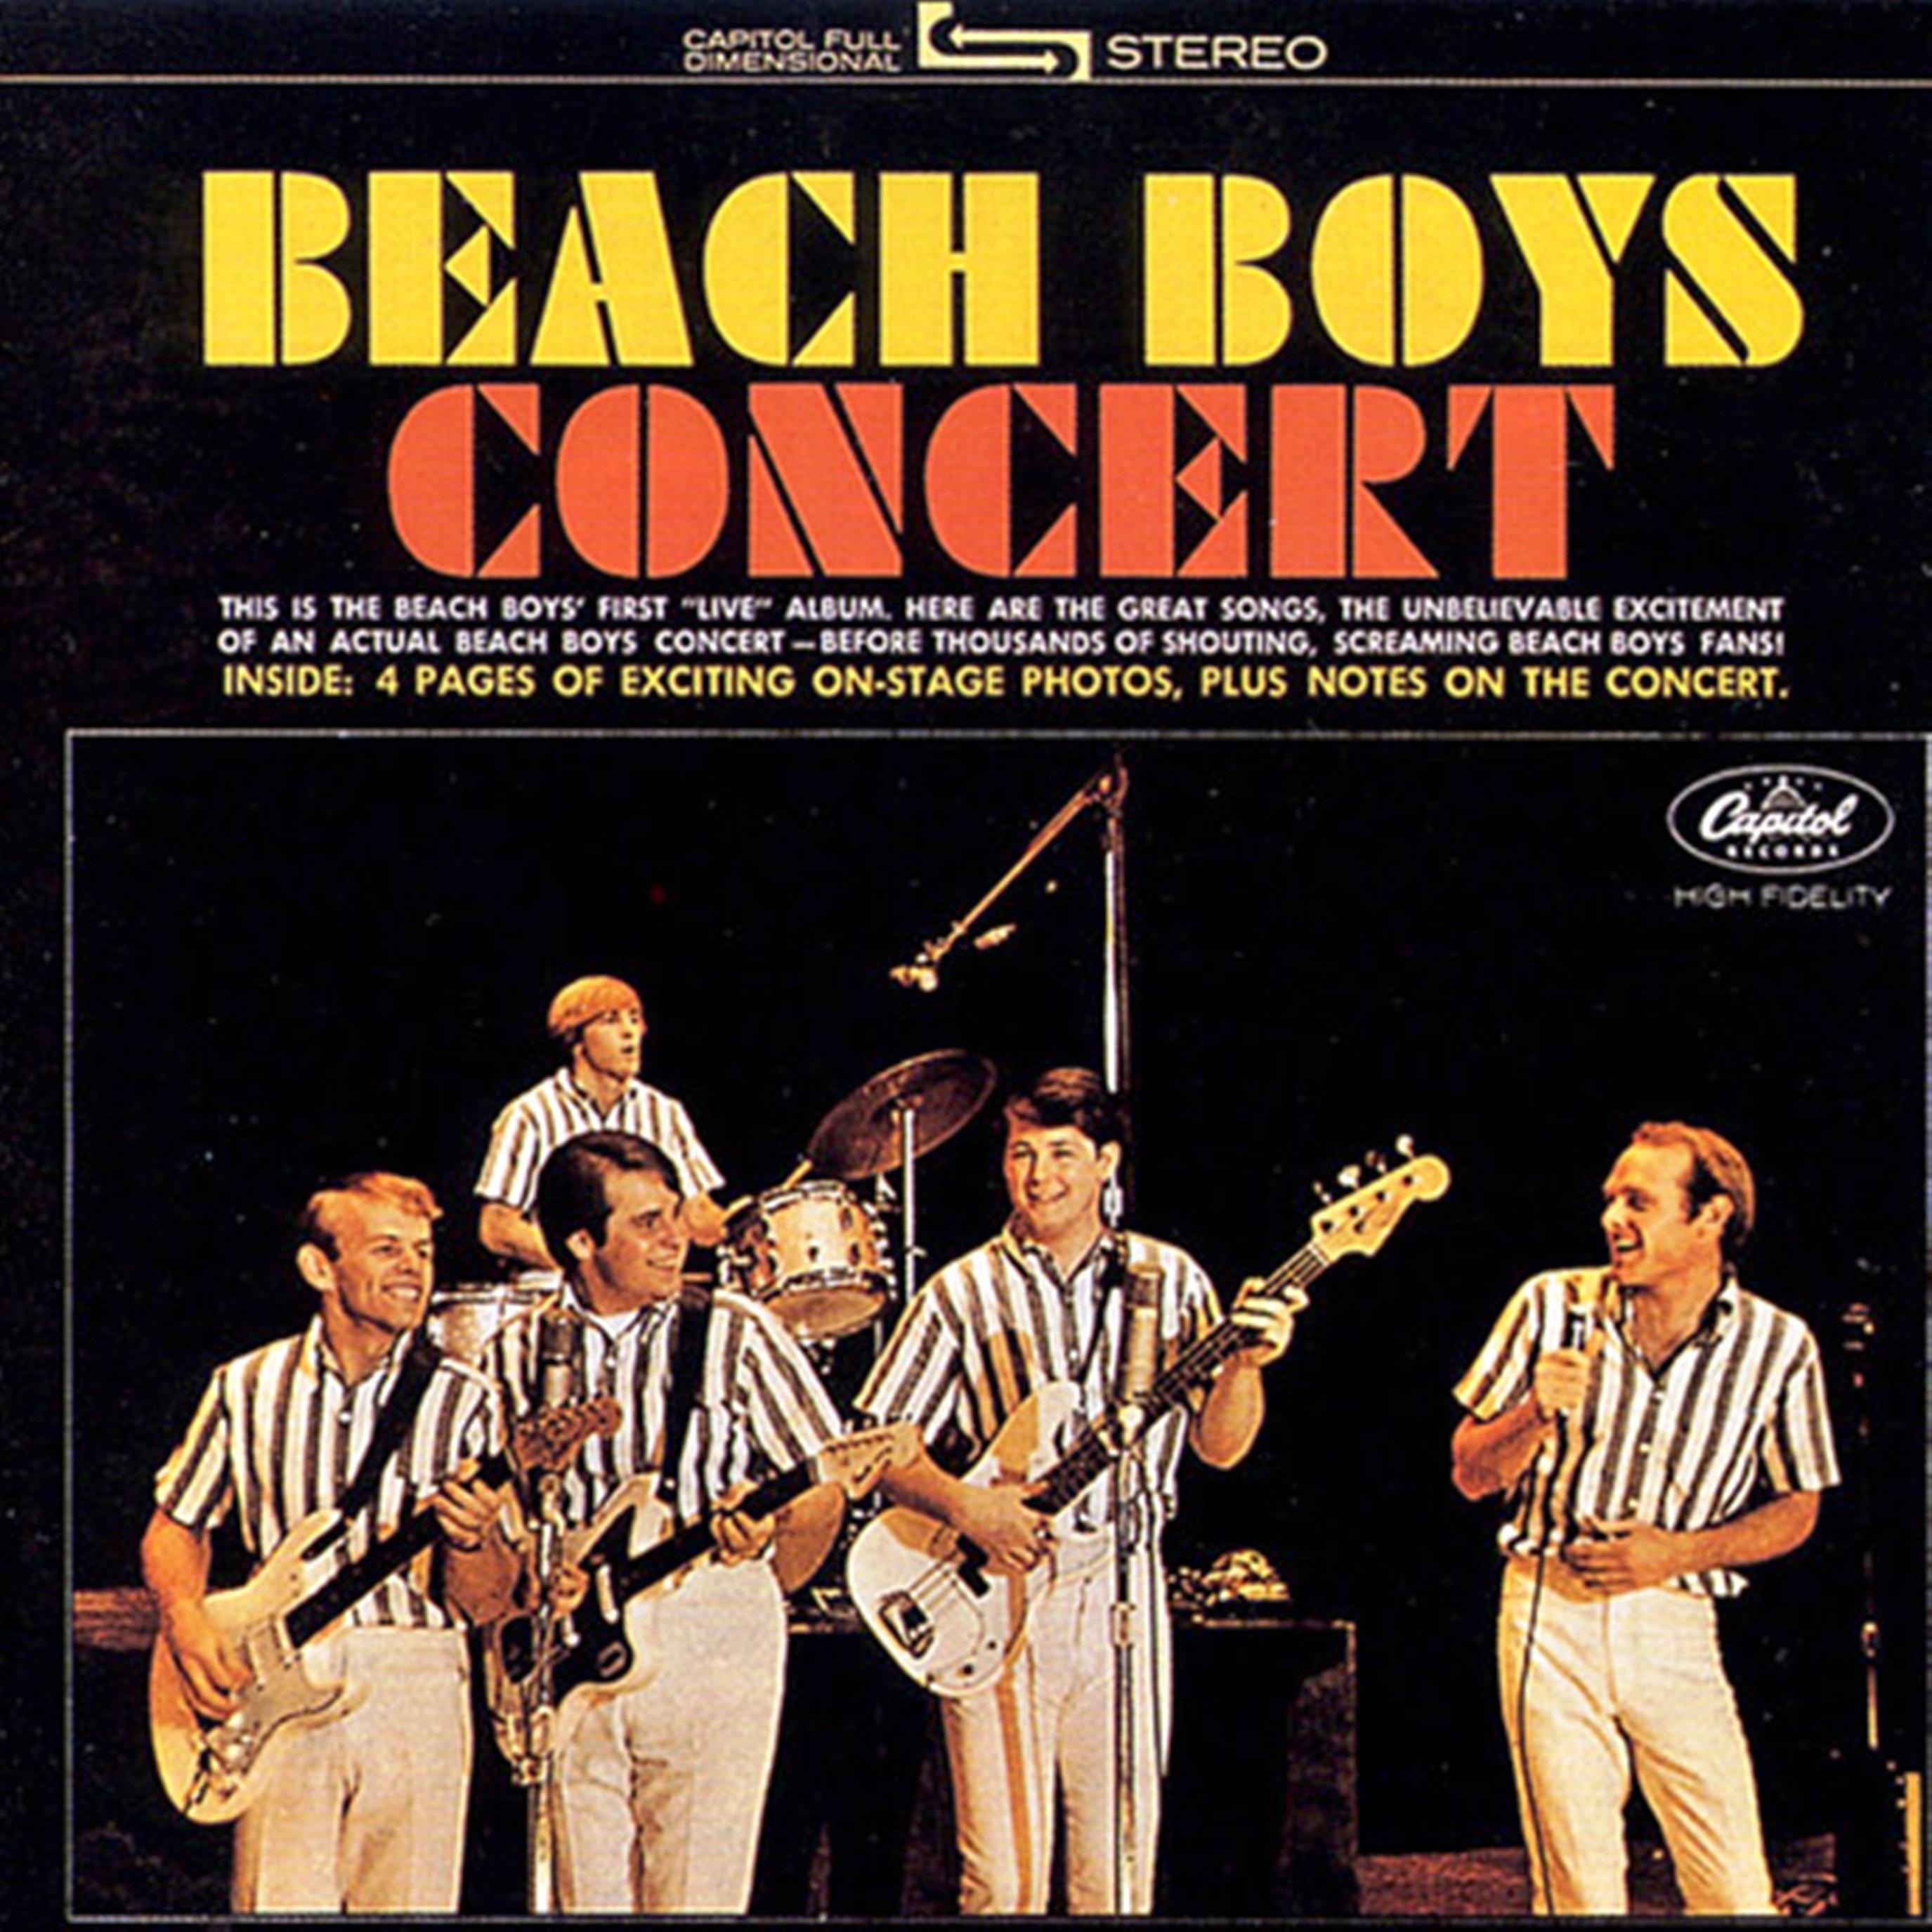 The Beach boys Beach boys concert